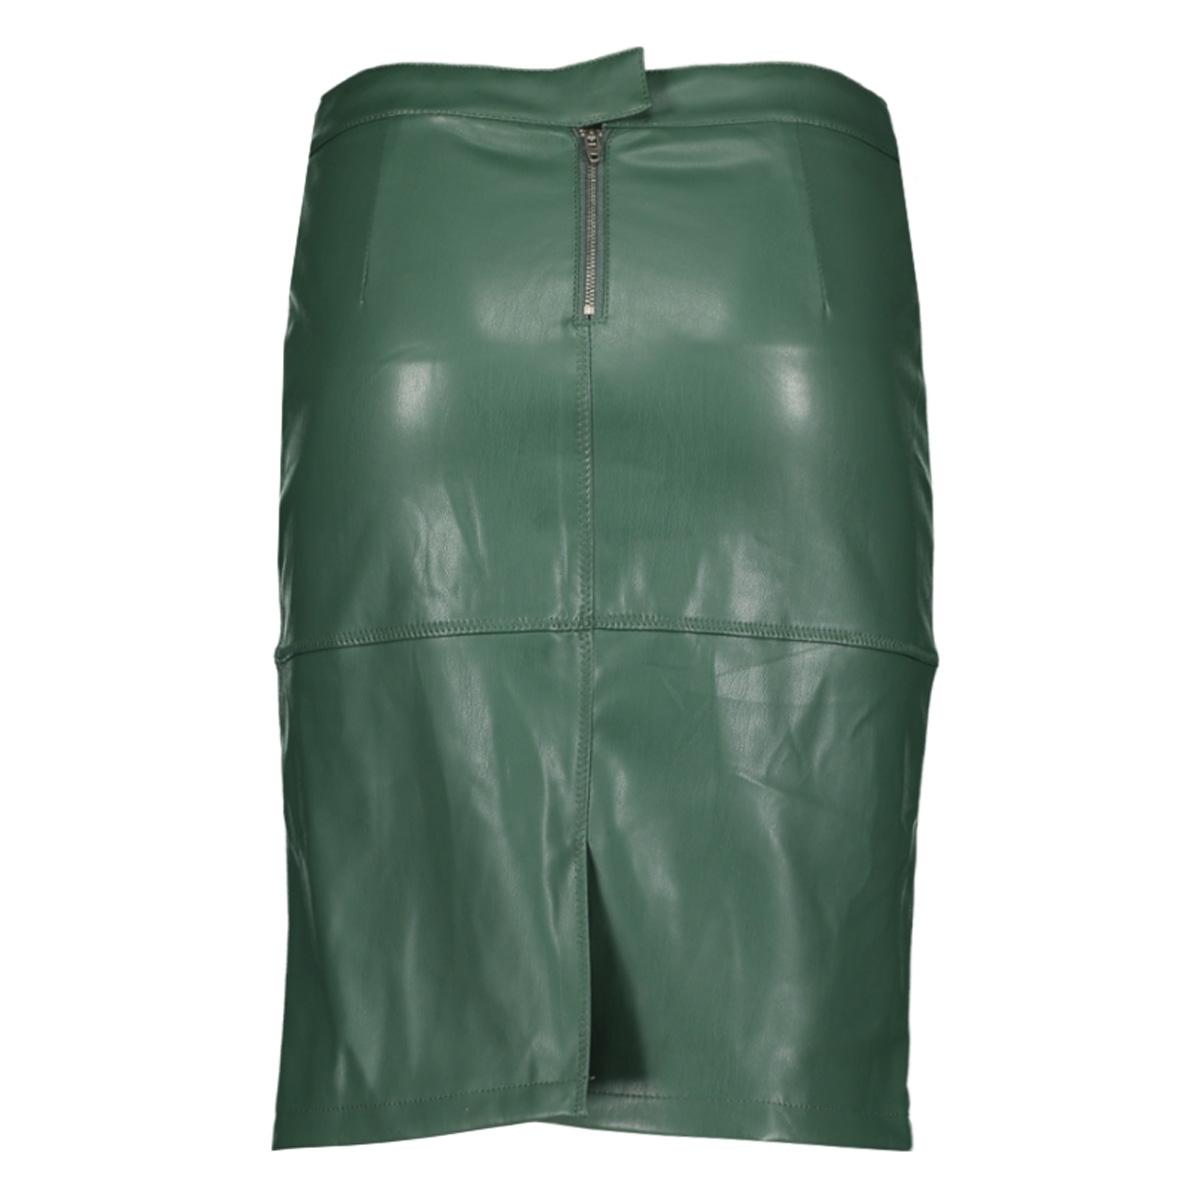 vipen new skirt-fav 14043497 vila rok garden topiary